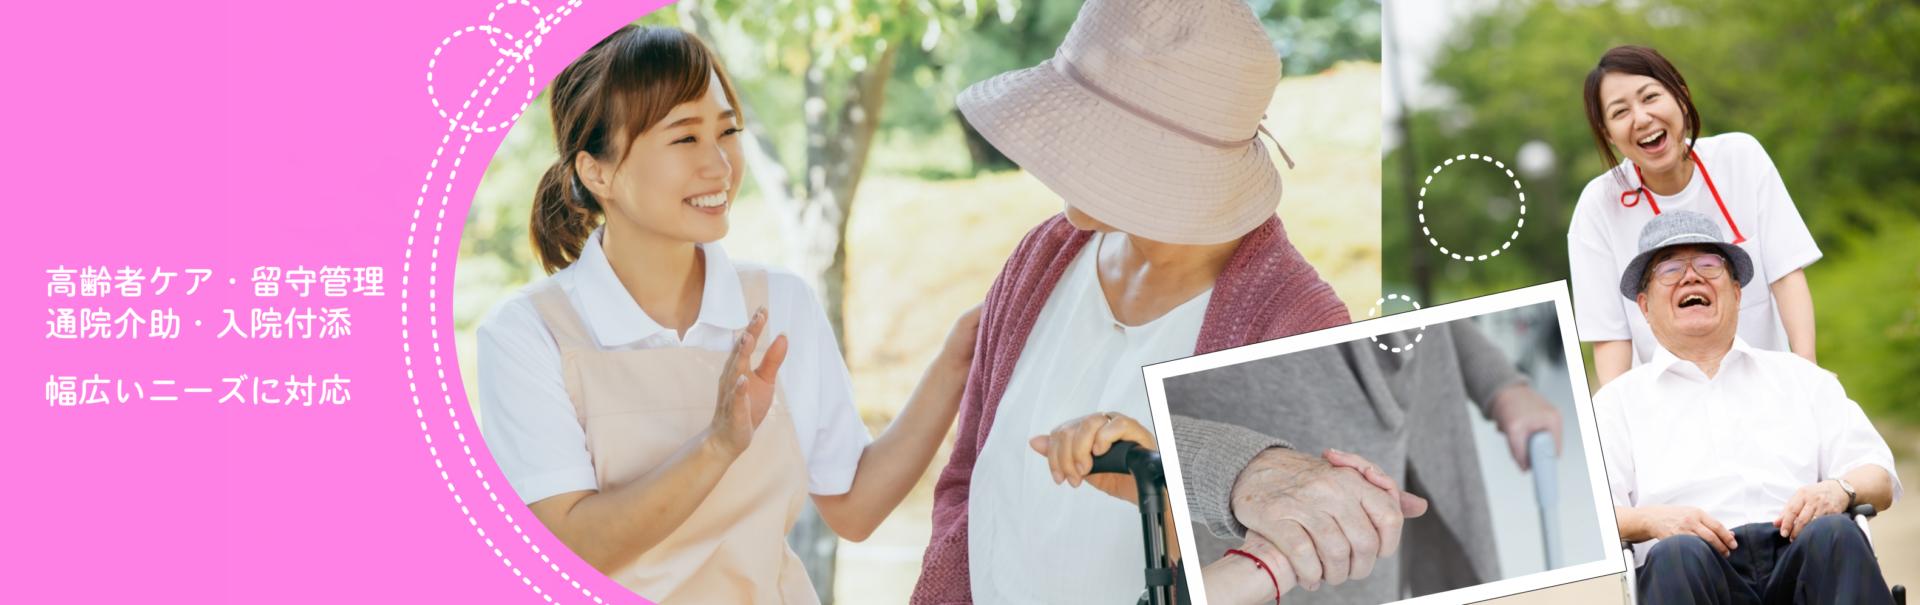 高齢者ケア・留守管理・通院介助・入院付添、幅広いニーズに対応